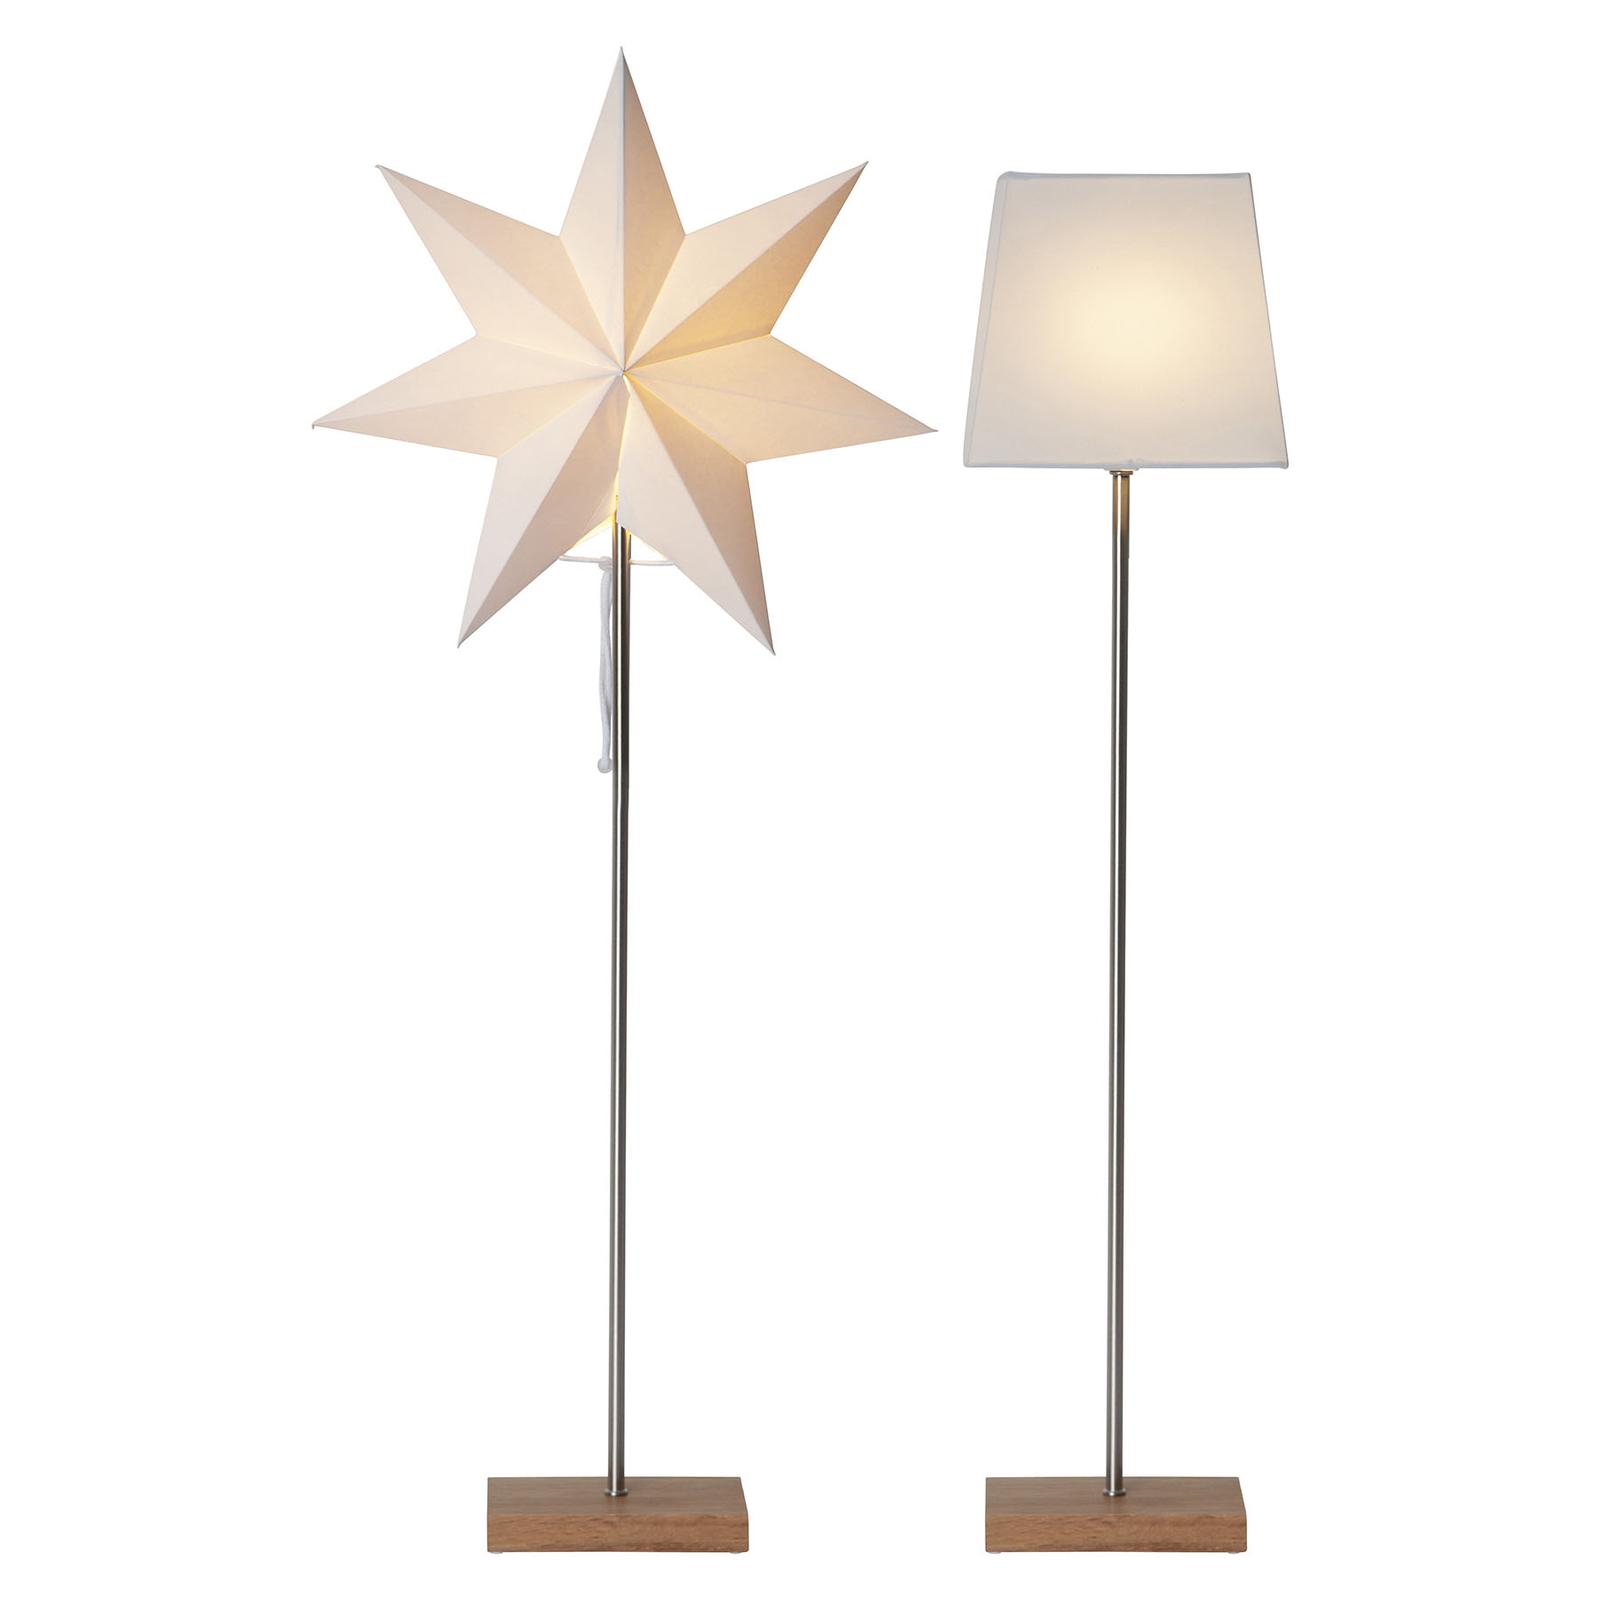 Moa dekorationslampe, kombi af stjerne + skærm